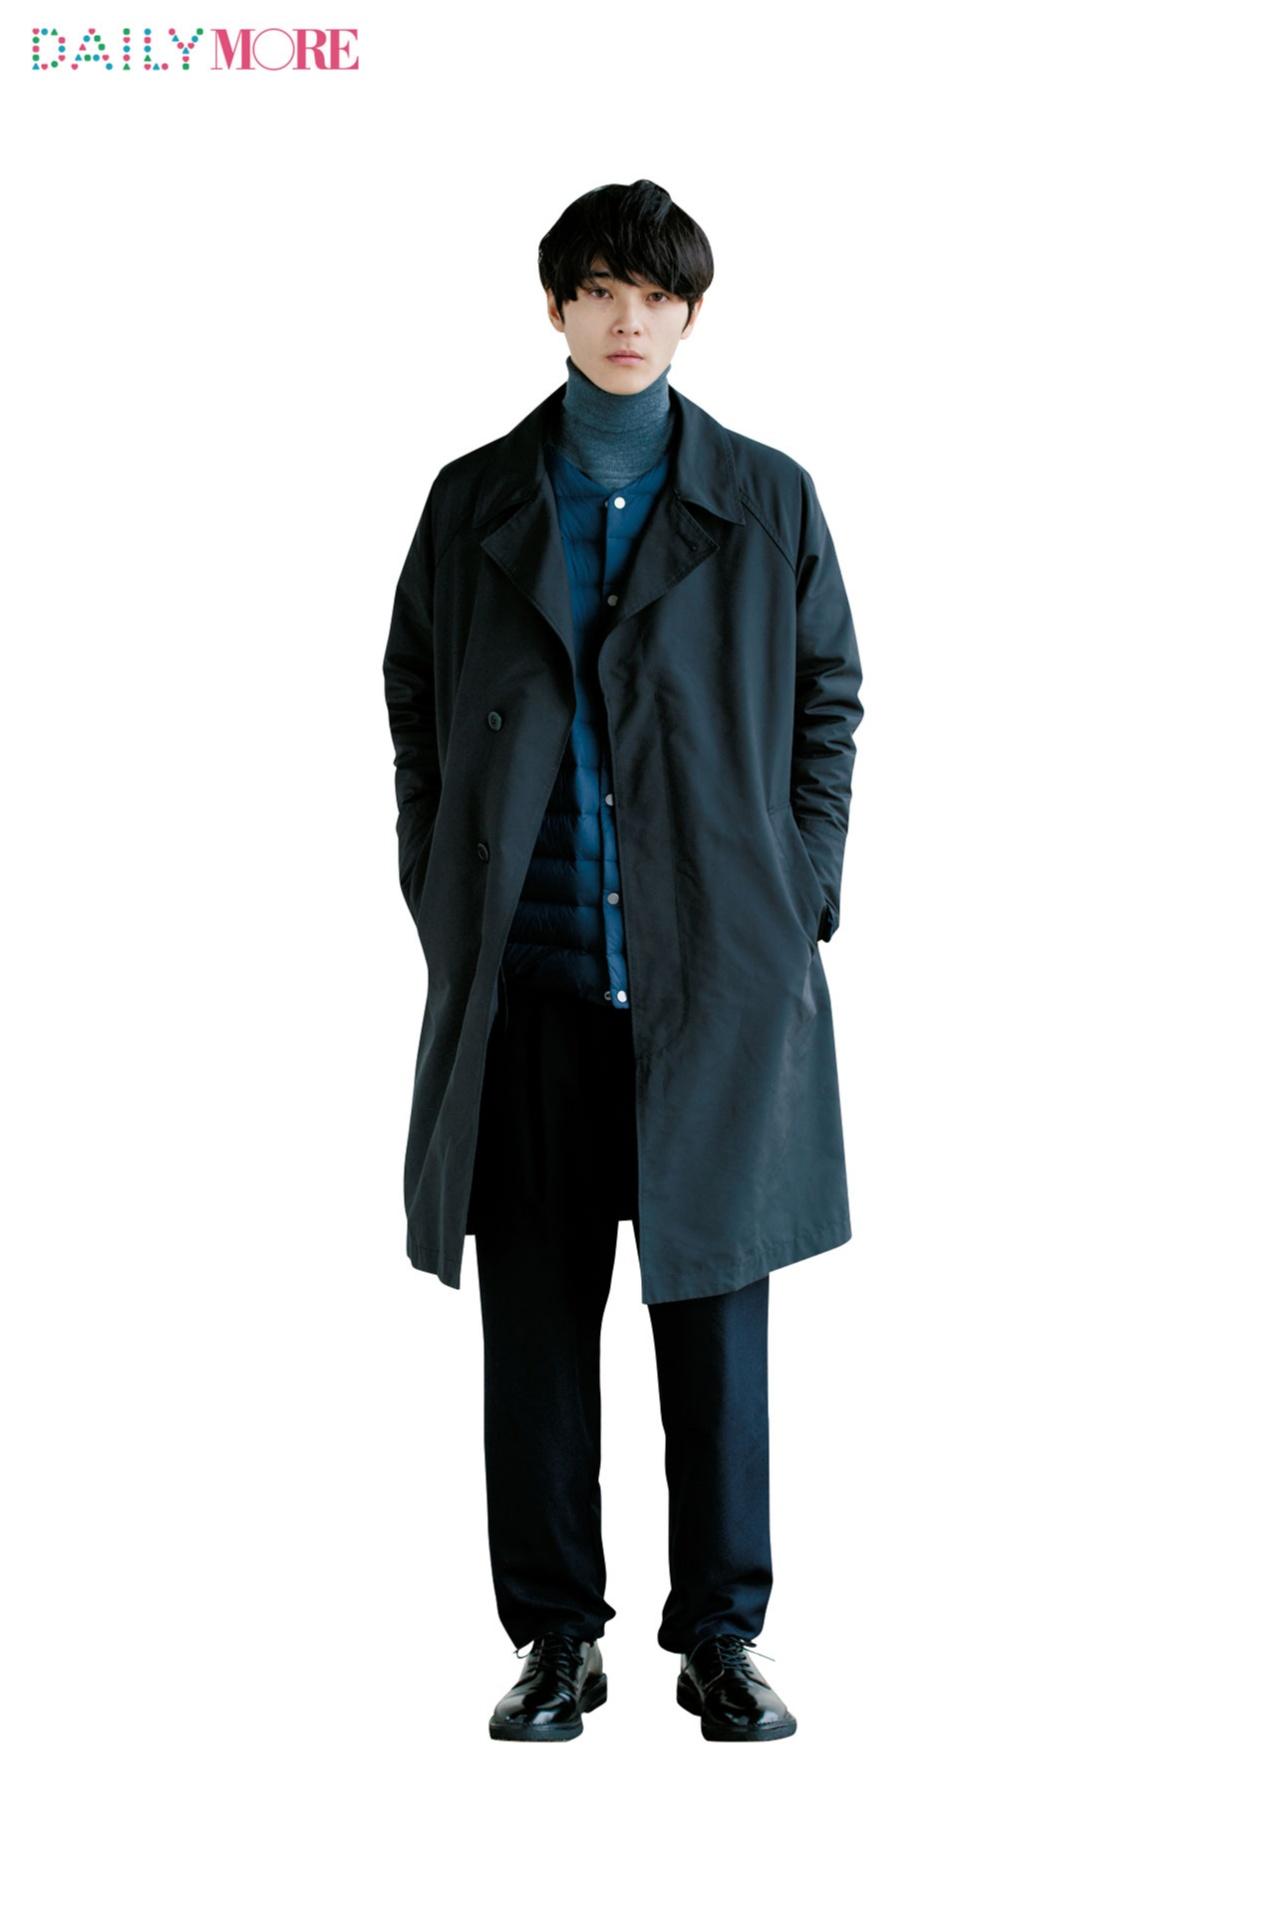 """「きれいめシンプル」の彼にもっと愛される、素敵見えデート服のポイントは""""なめらかニット&とろみ素材♡_1"""